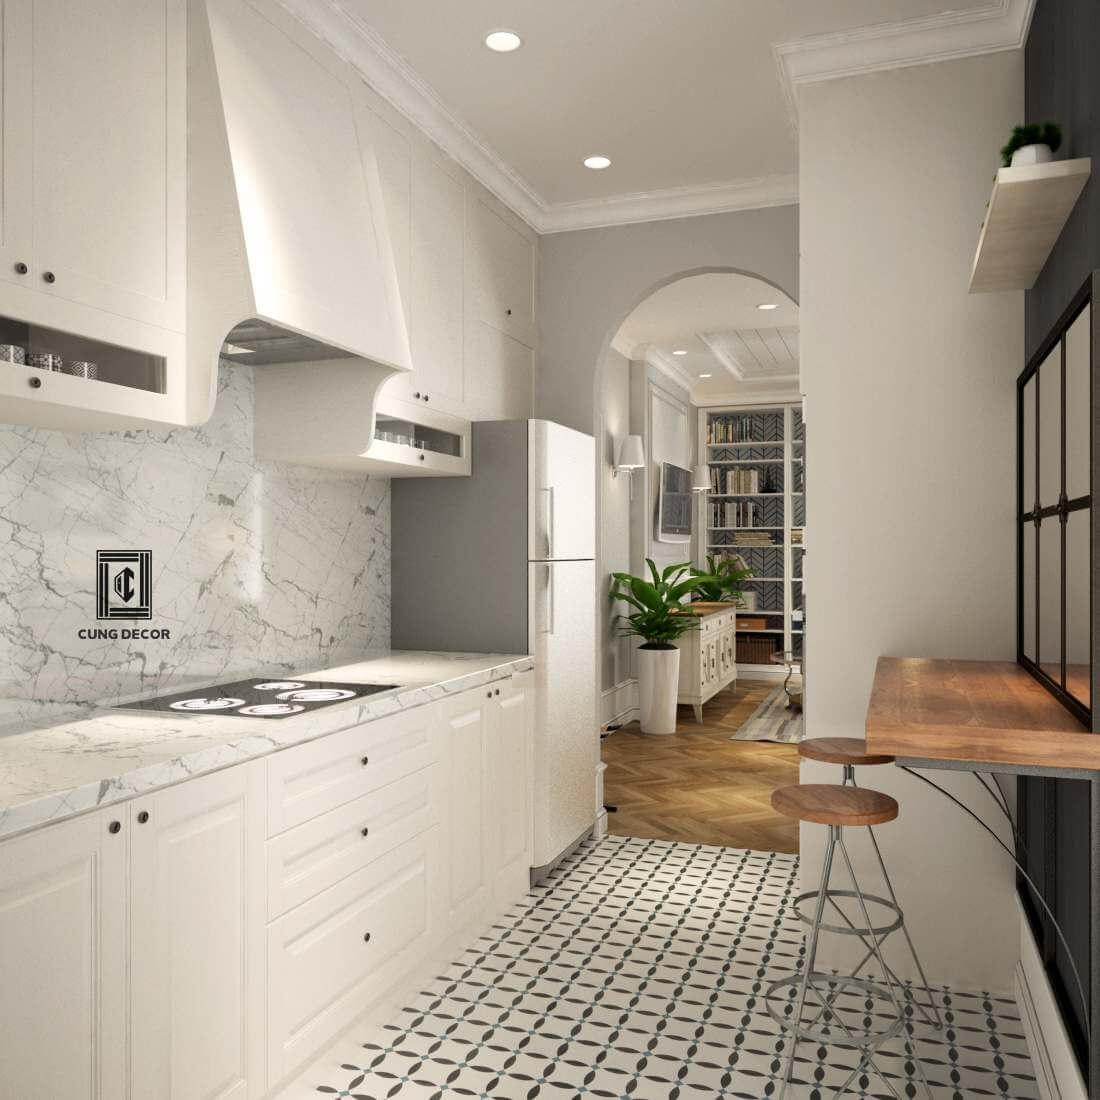 thiết kế nội thất phòng bếp 3